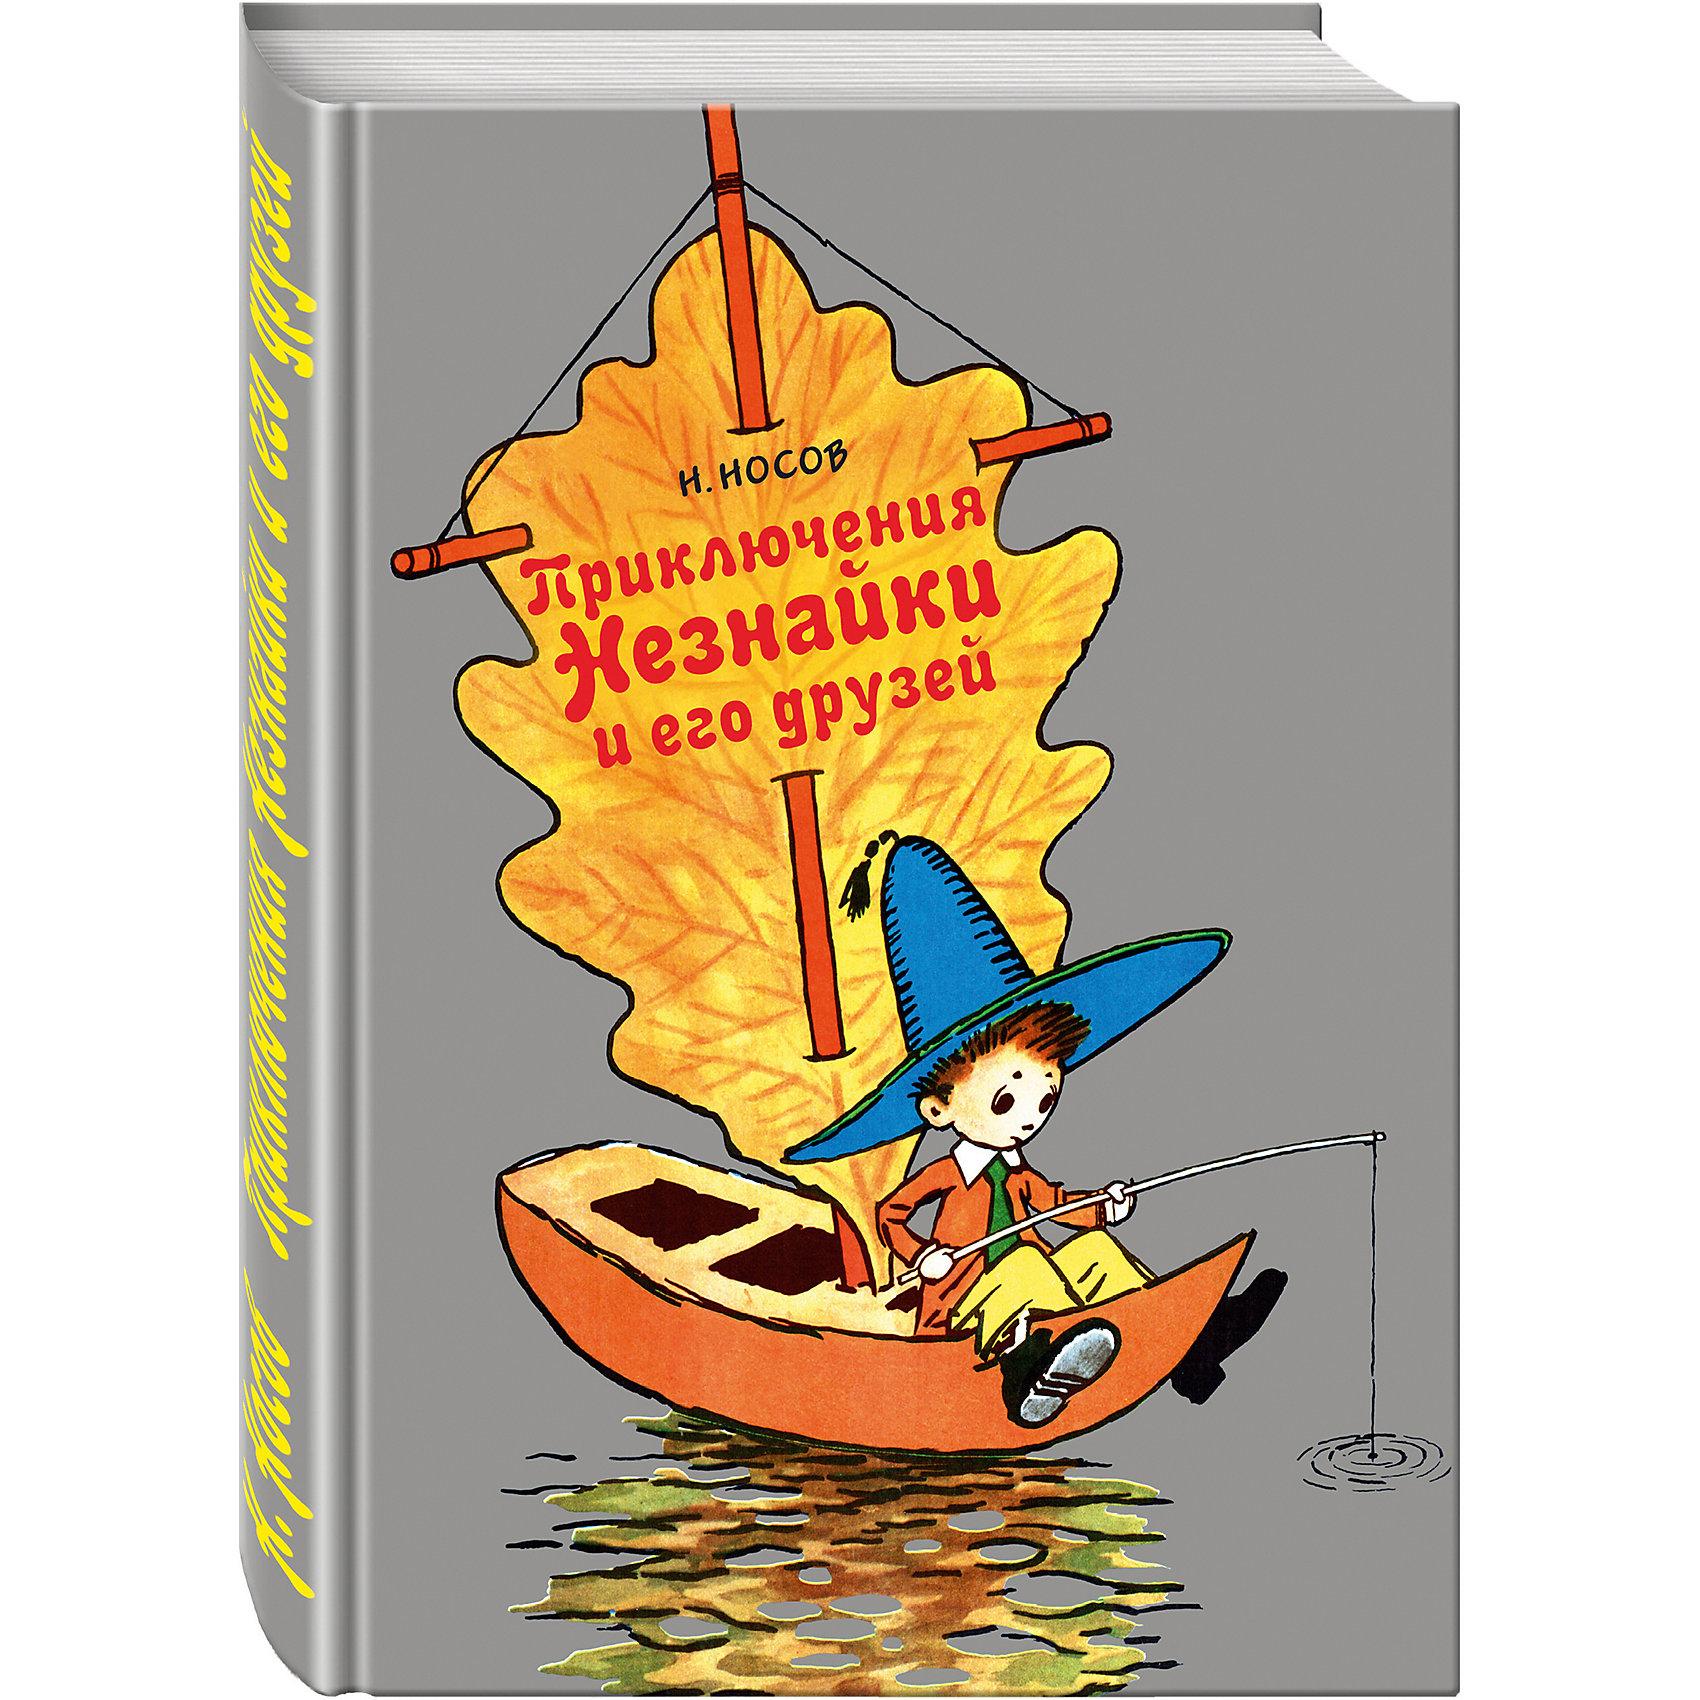 Приключения Незнайки и его друзей, Н.Н. НосовРассказы и повести<br>Представляем вашему вниманию книгу Приключения Незнайки и его друзей с яркими красочными иллюстрациями, которые обязательно привлекут внимание детей.<br><br>Дополнительная информация:<br><br>- Размер: 25х20 см. <br>- Переплет: твердый.<br>- Иллюстрации: цветные.<br>- Количество страниц: 192 стр.<br>- Автор: Носов Н.<br>- Иллюстратор: Лаптев А.<br><br>Книгу Приключения Незнайки и его друзей, Н.Н. Носов можно купить в нашем магазине.<br><br>Ширина мм: 265<br>Глубина мм: 205<br>Высота мм: 20<br>Вес г: 530<br>Возраст от месяцев: 84<br>Возраст до месяцев: 120<br>Пол: Унисекс<br>Возраст: Детский<br>SKU: 4047768